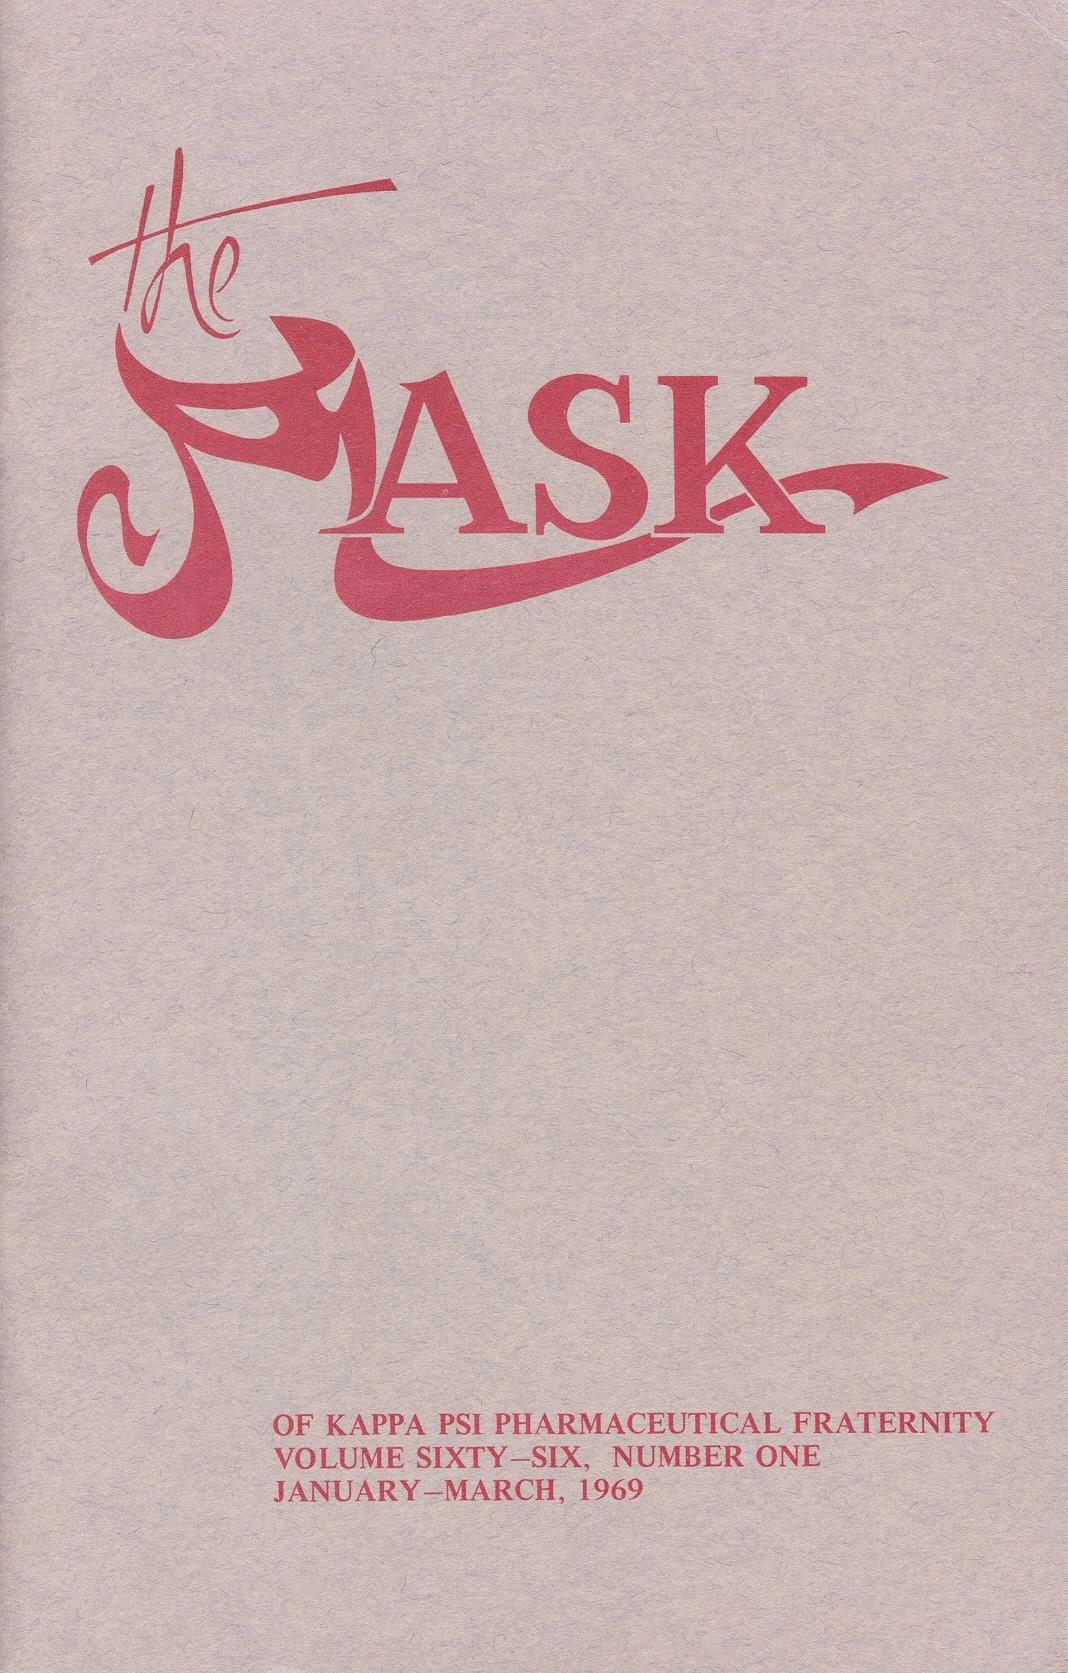 mask_cover_01_1969.jpg